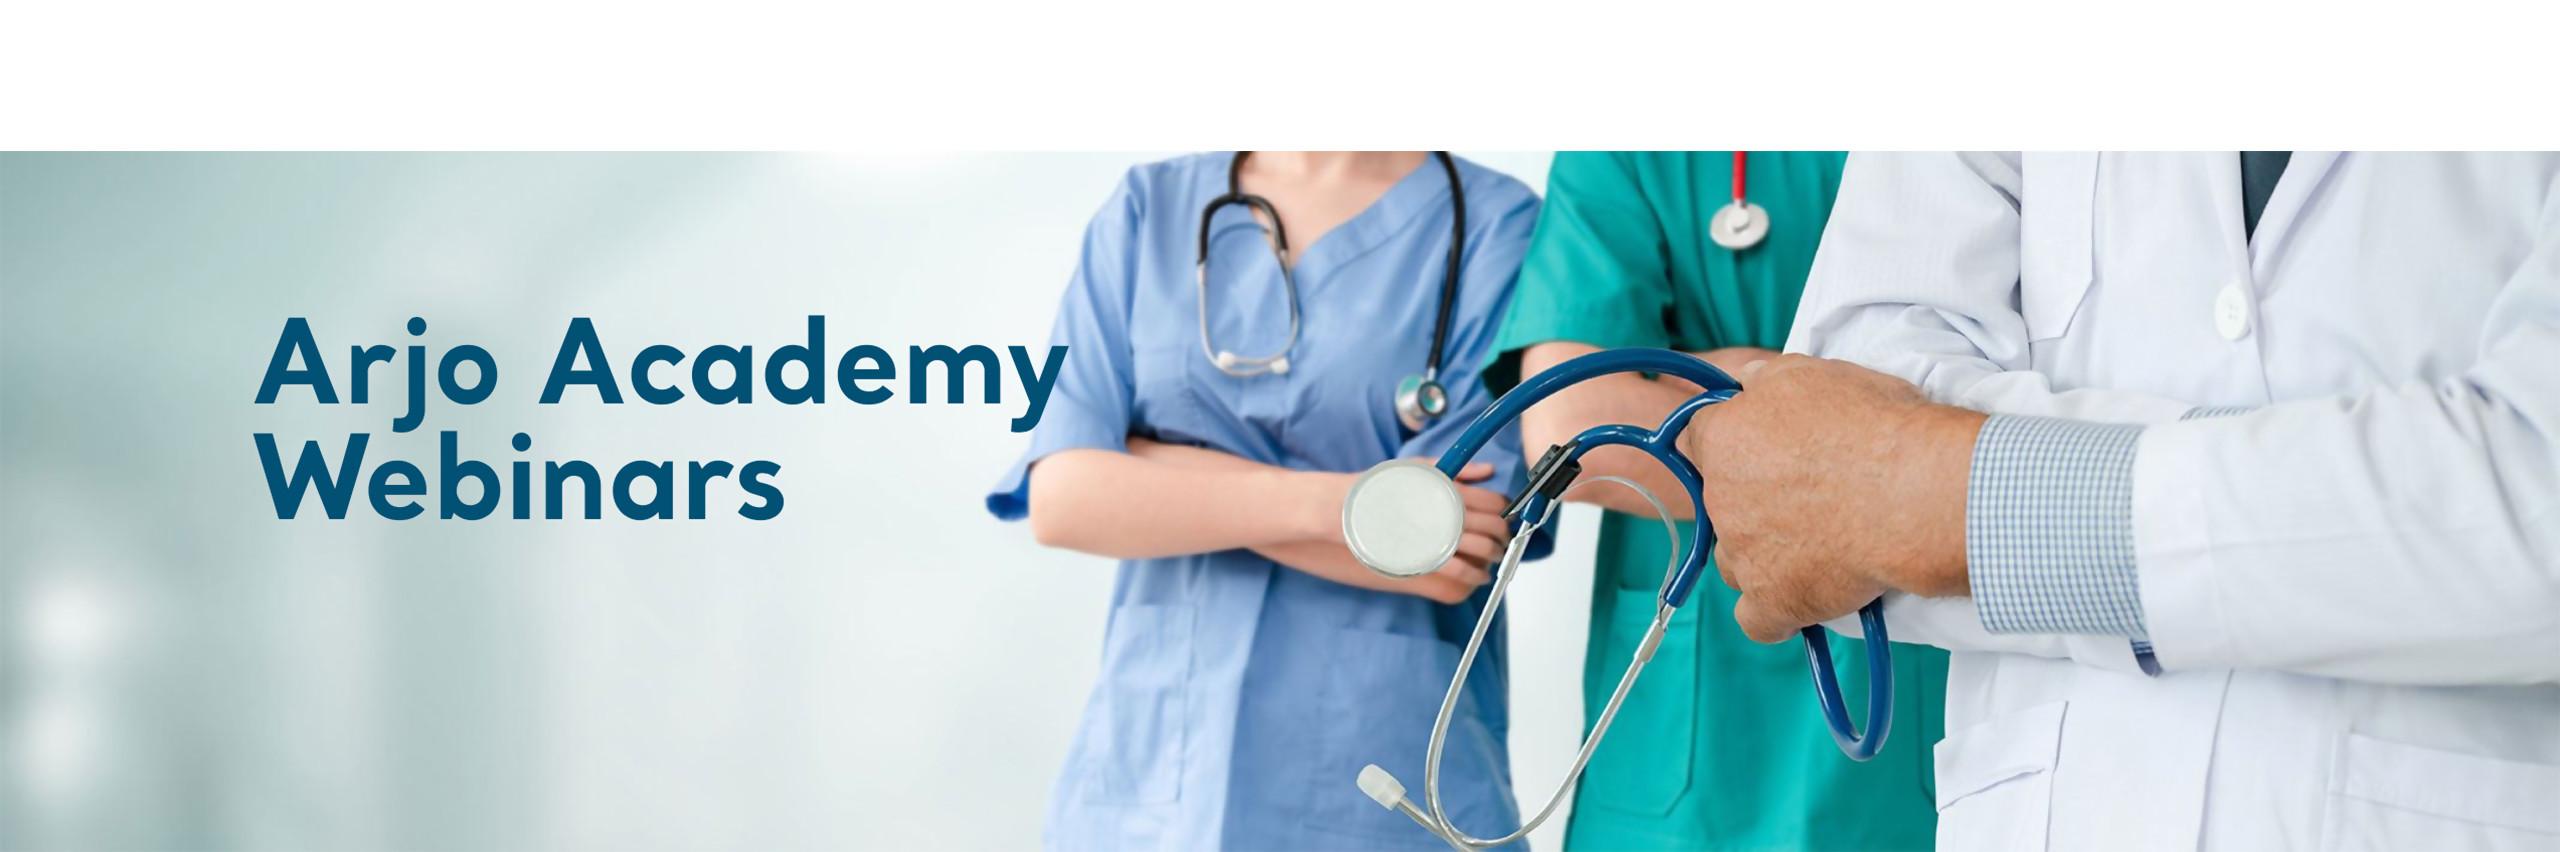 Arjo Academy Webinars